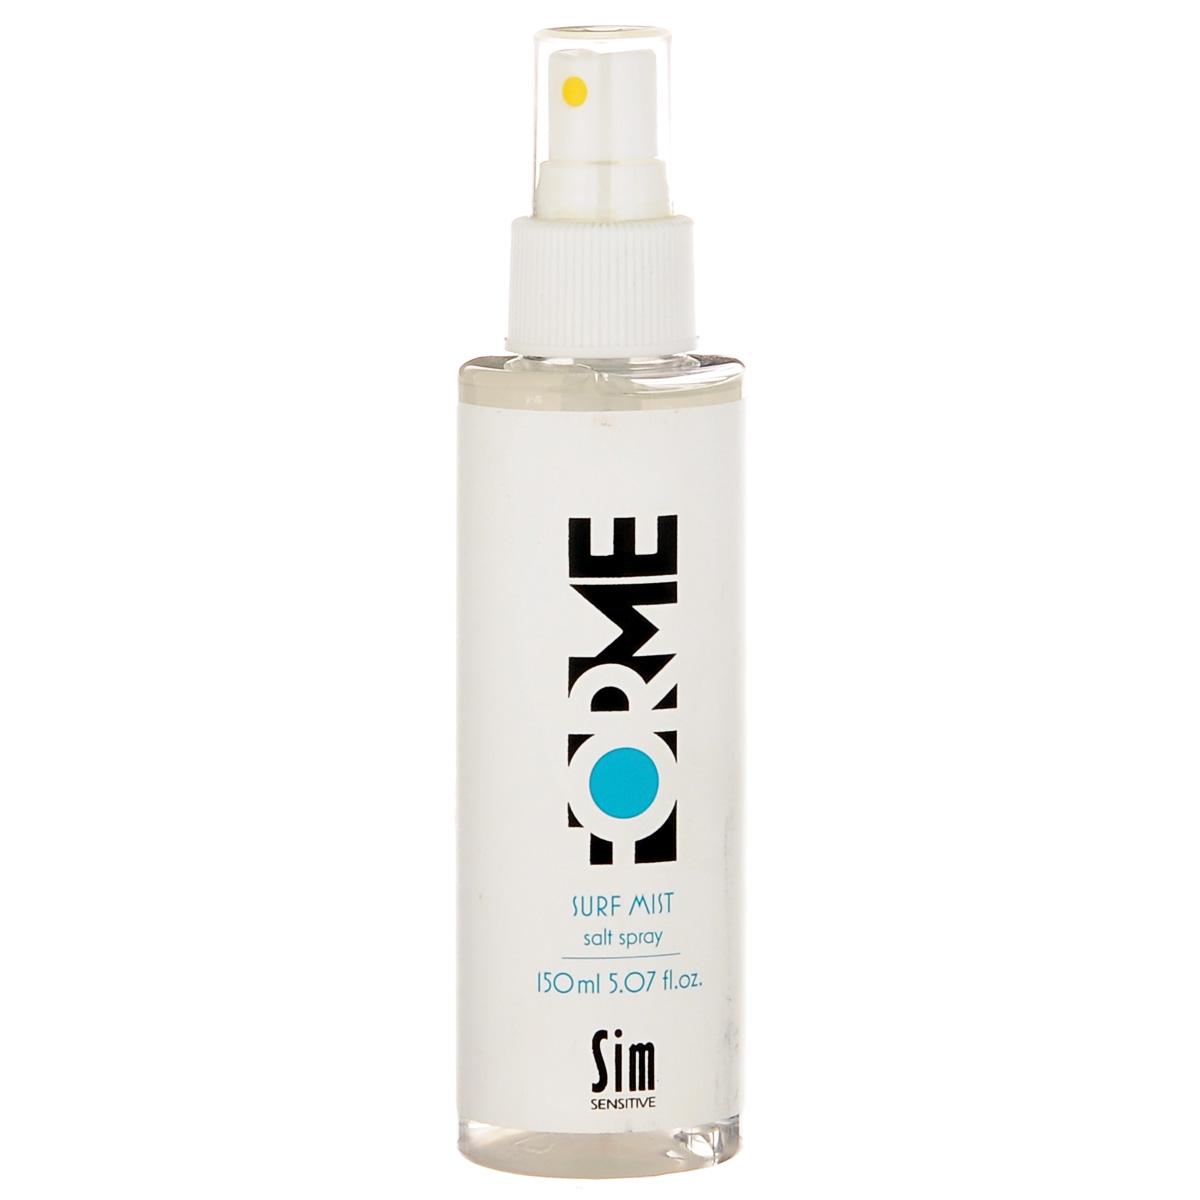 SIM SENSITIVE Cпрей с морской солью FORME Surf Mist Salt Spray 150мл стоимость